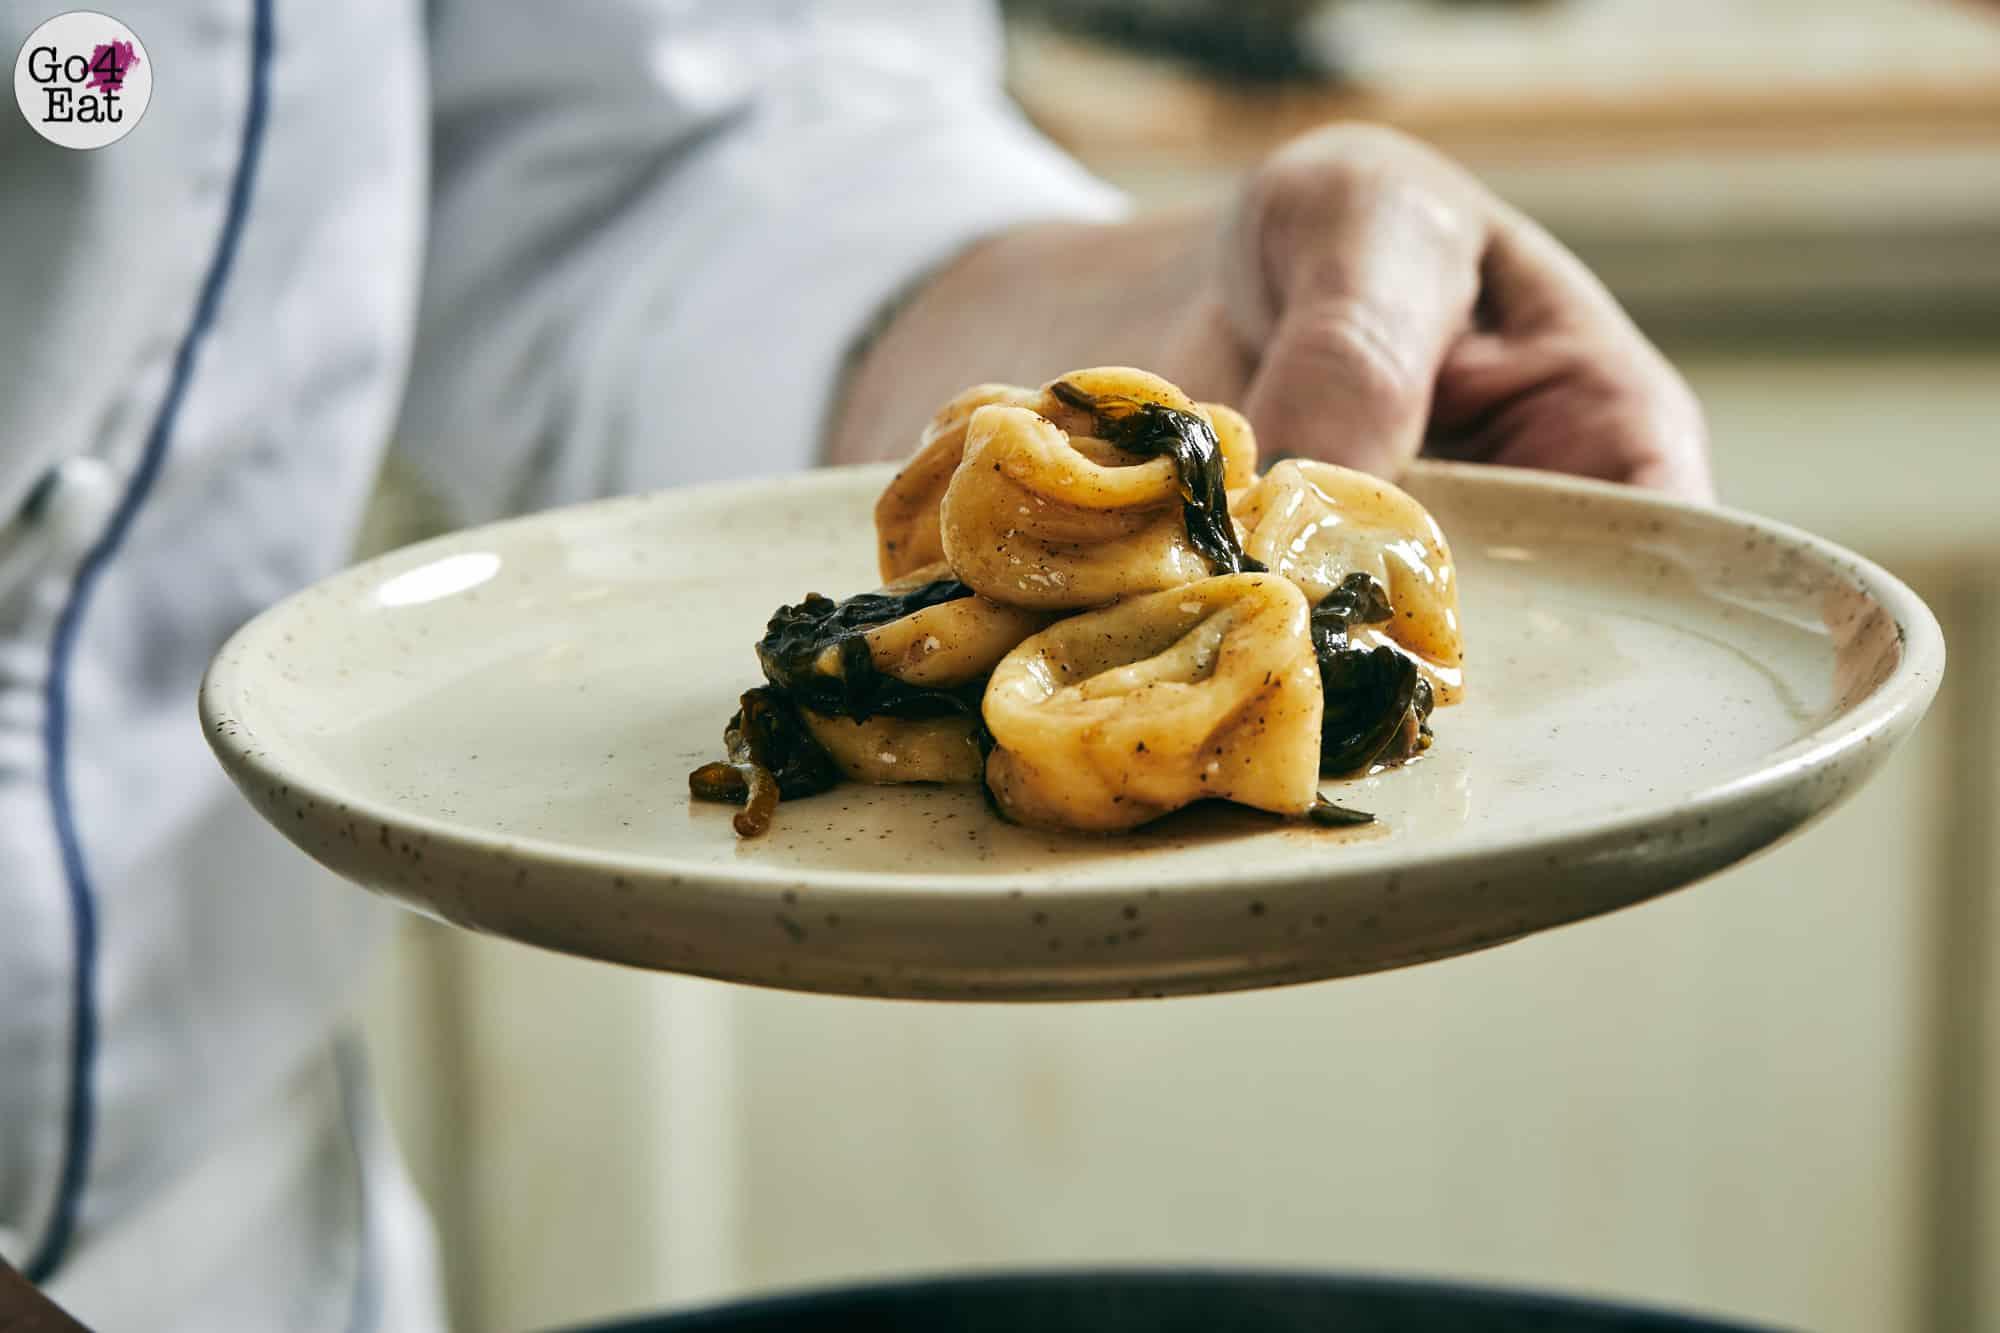 רביולי גבינות עבודת שף, נועה דניס שפית פרטית